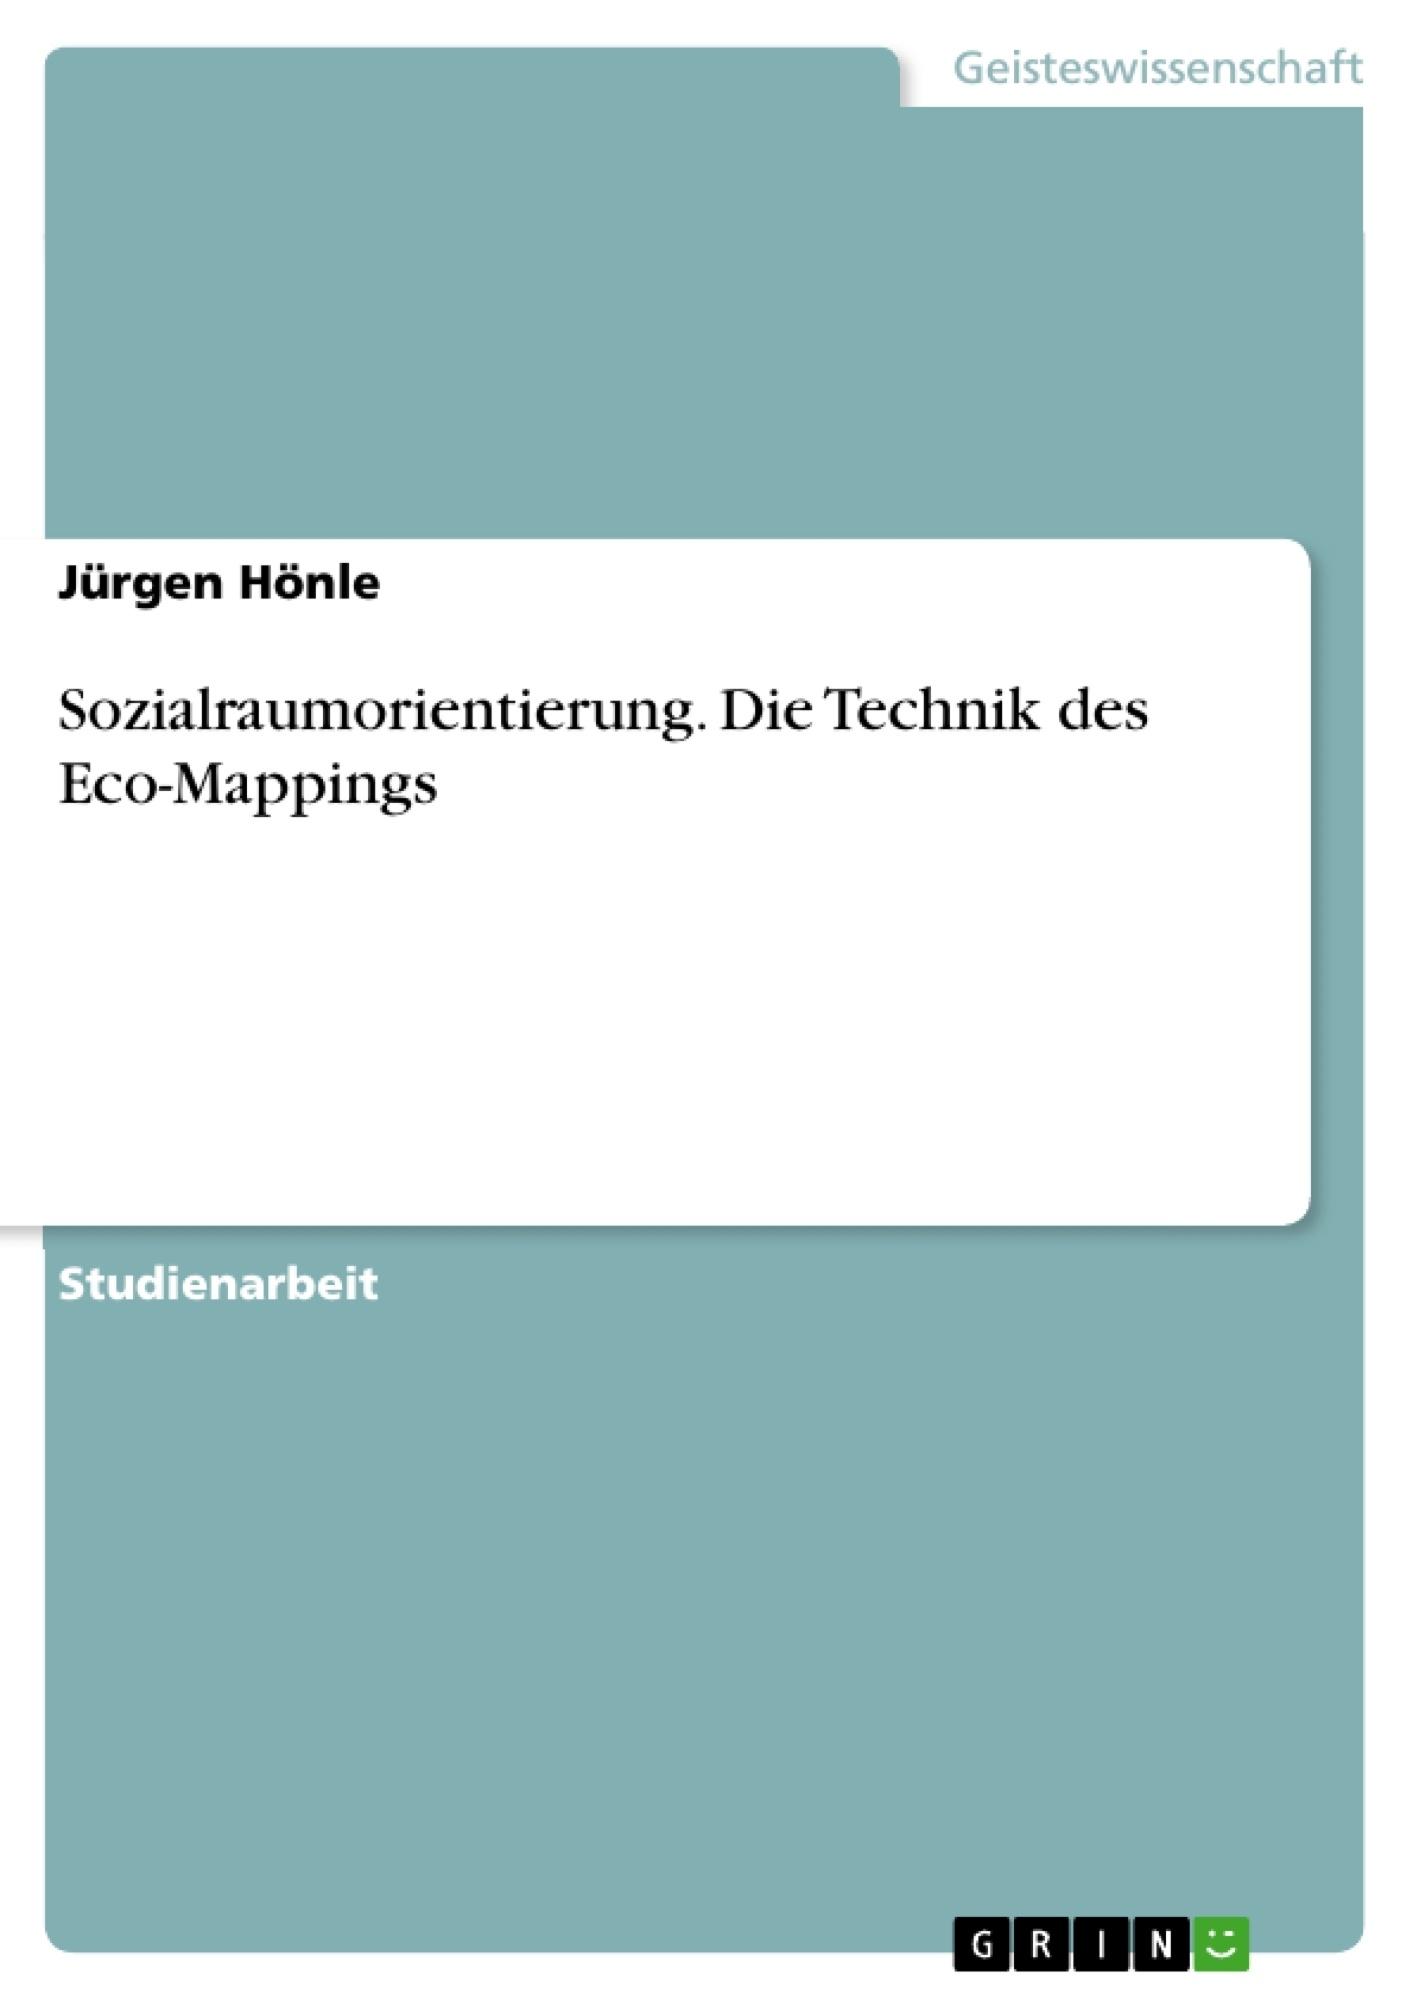 Titel: Sozialraumorientierung. Die Technik des Eco-Mappings